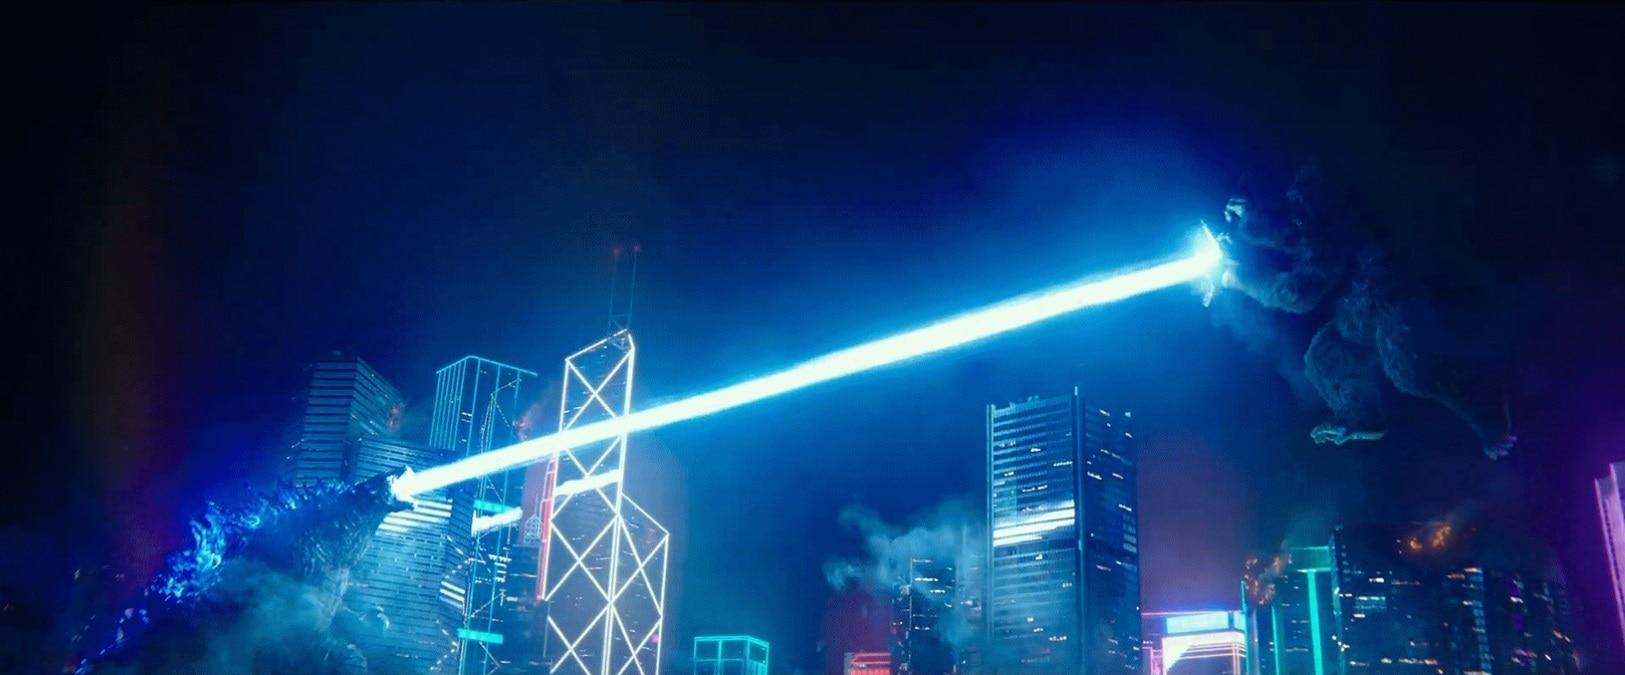 Kong's New Axe Will Fight Godzilla's Atomic Breath